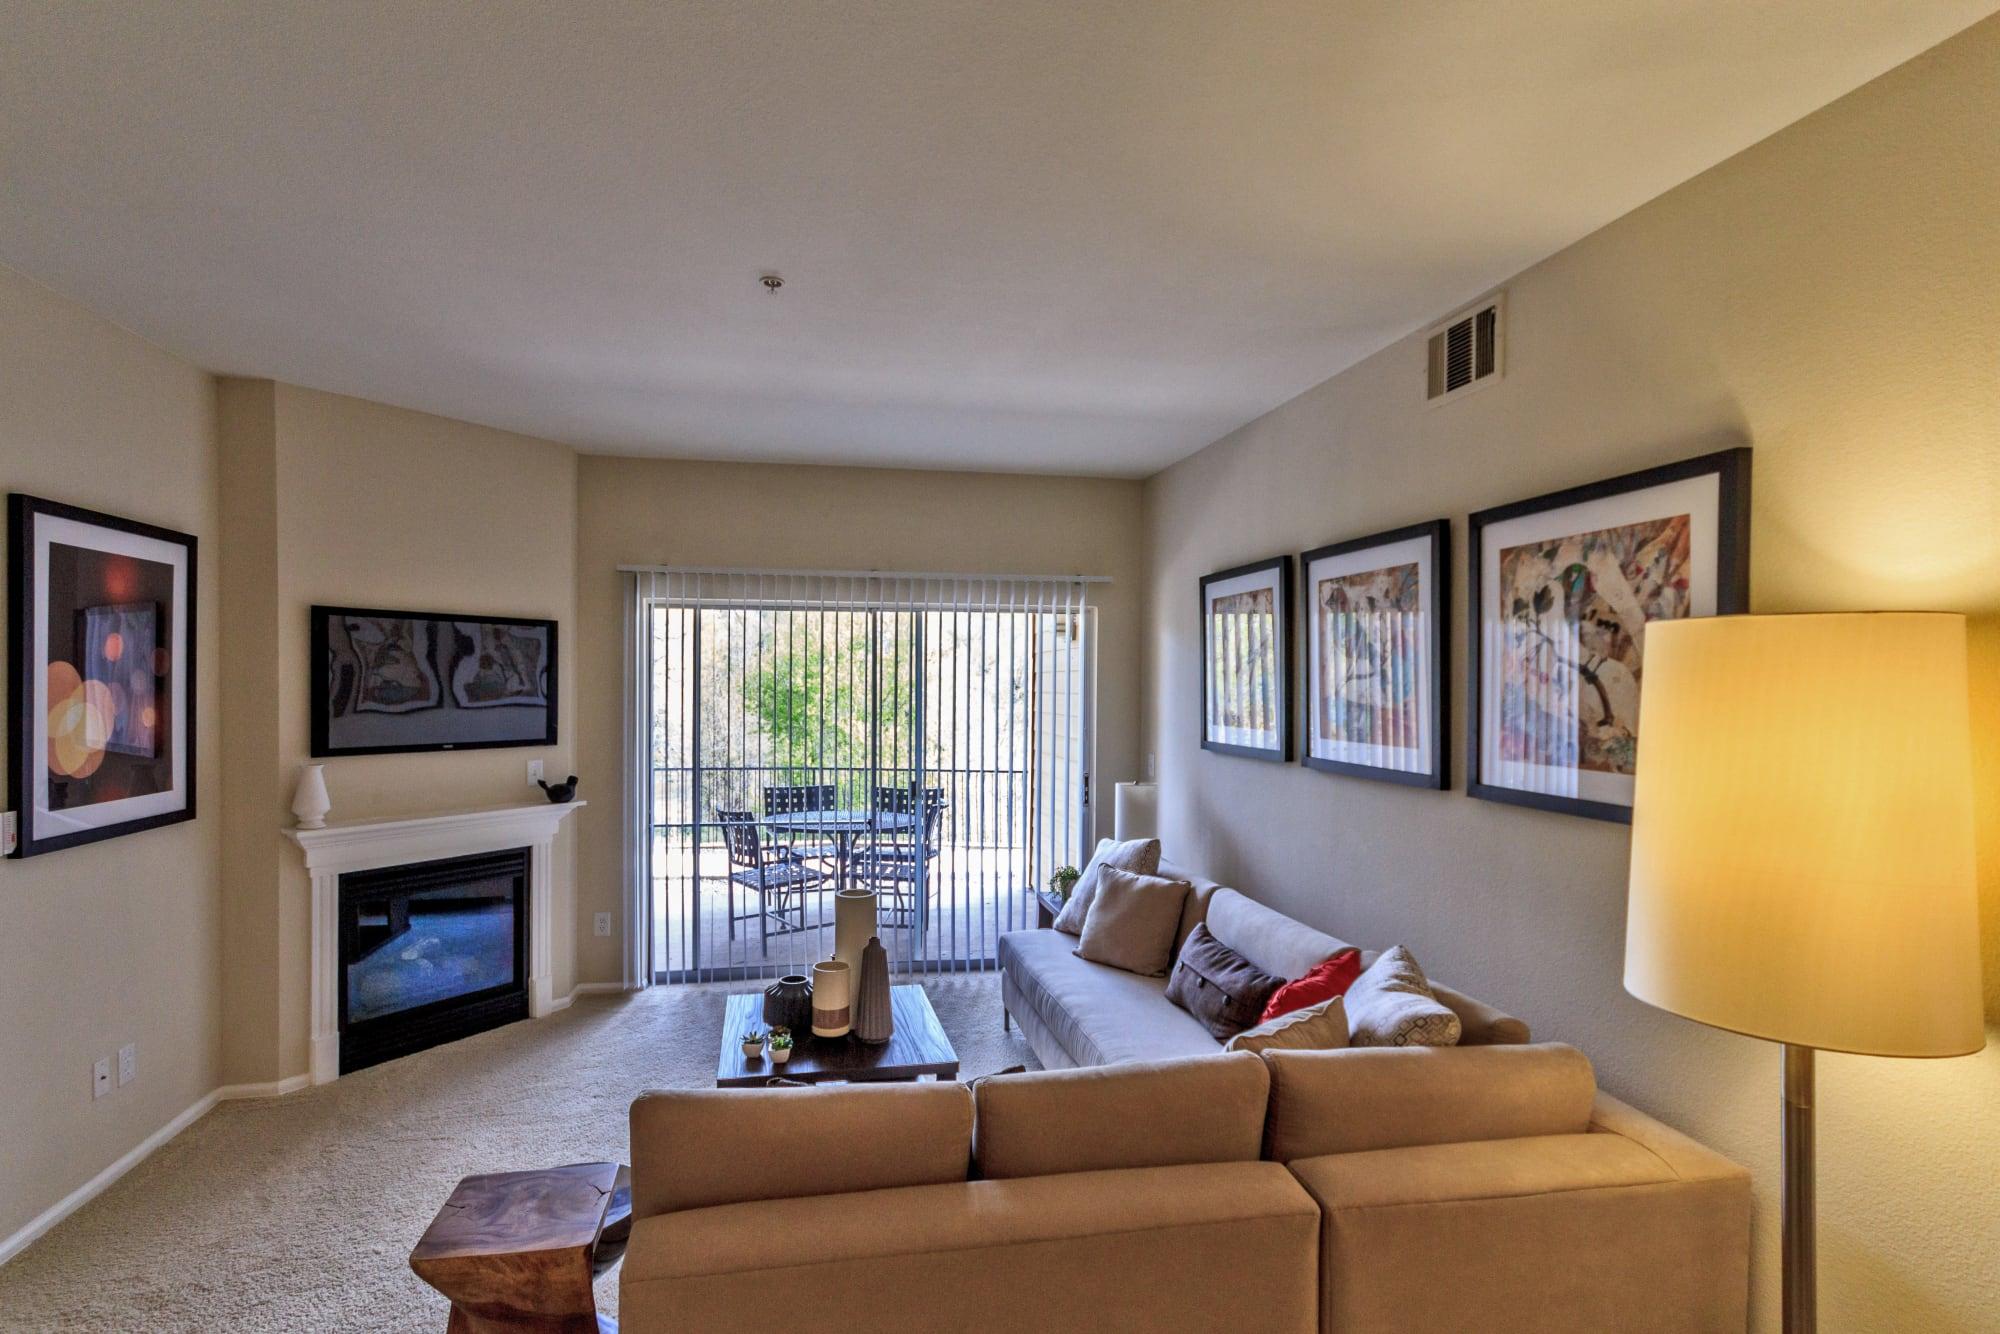 living room model shot